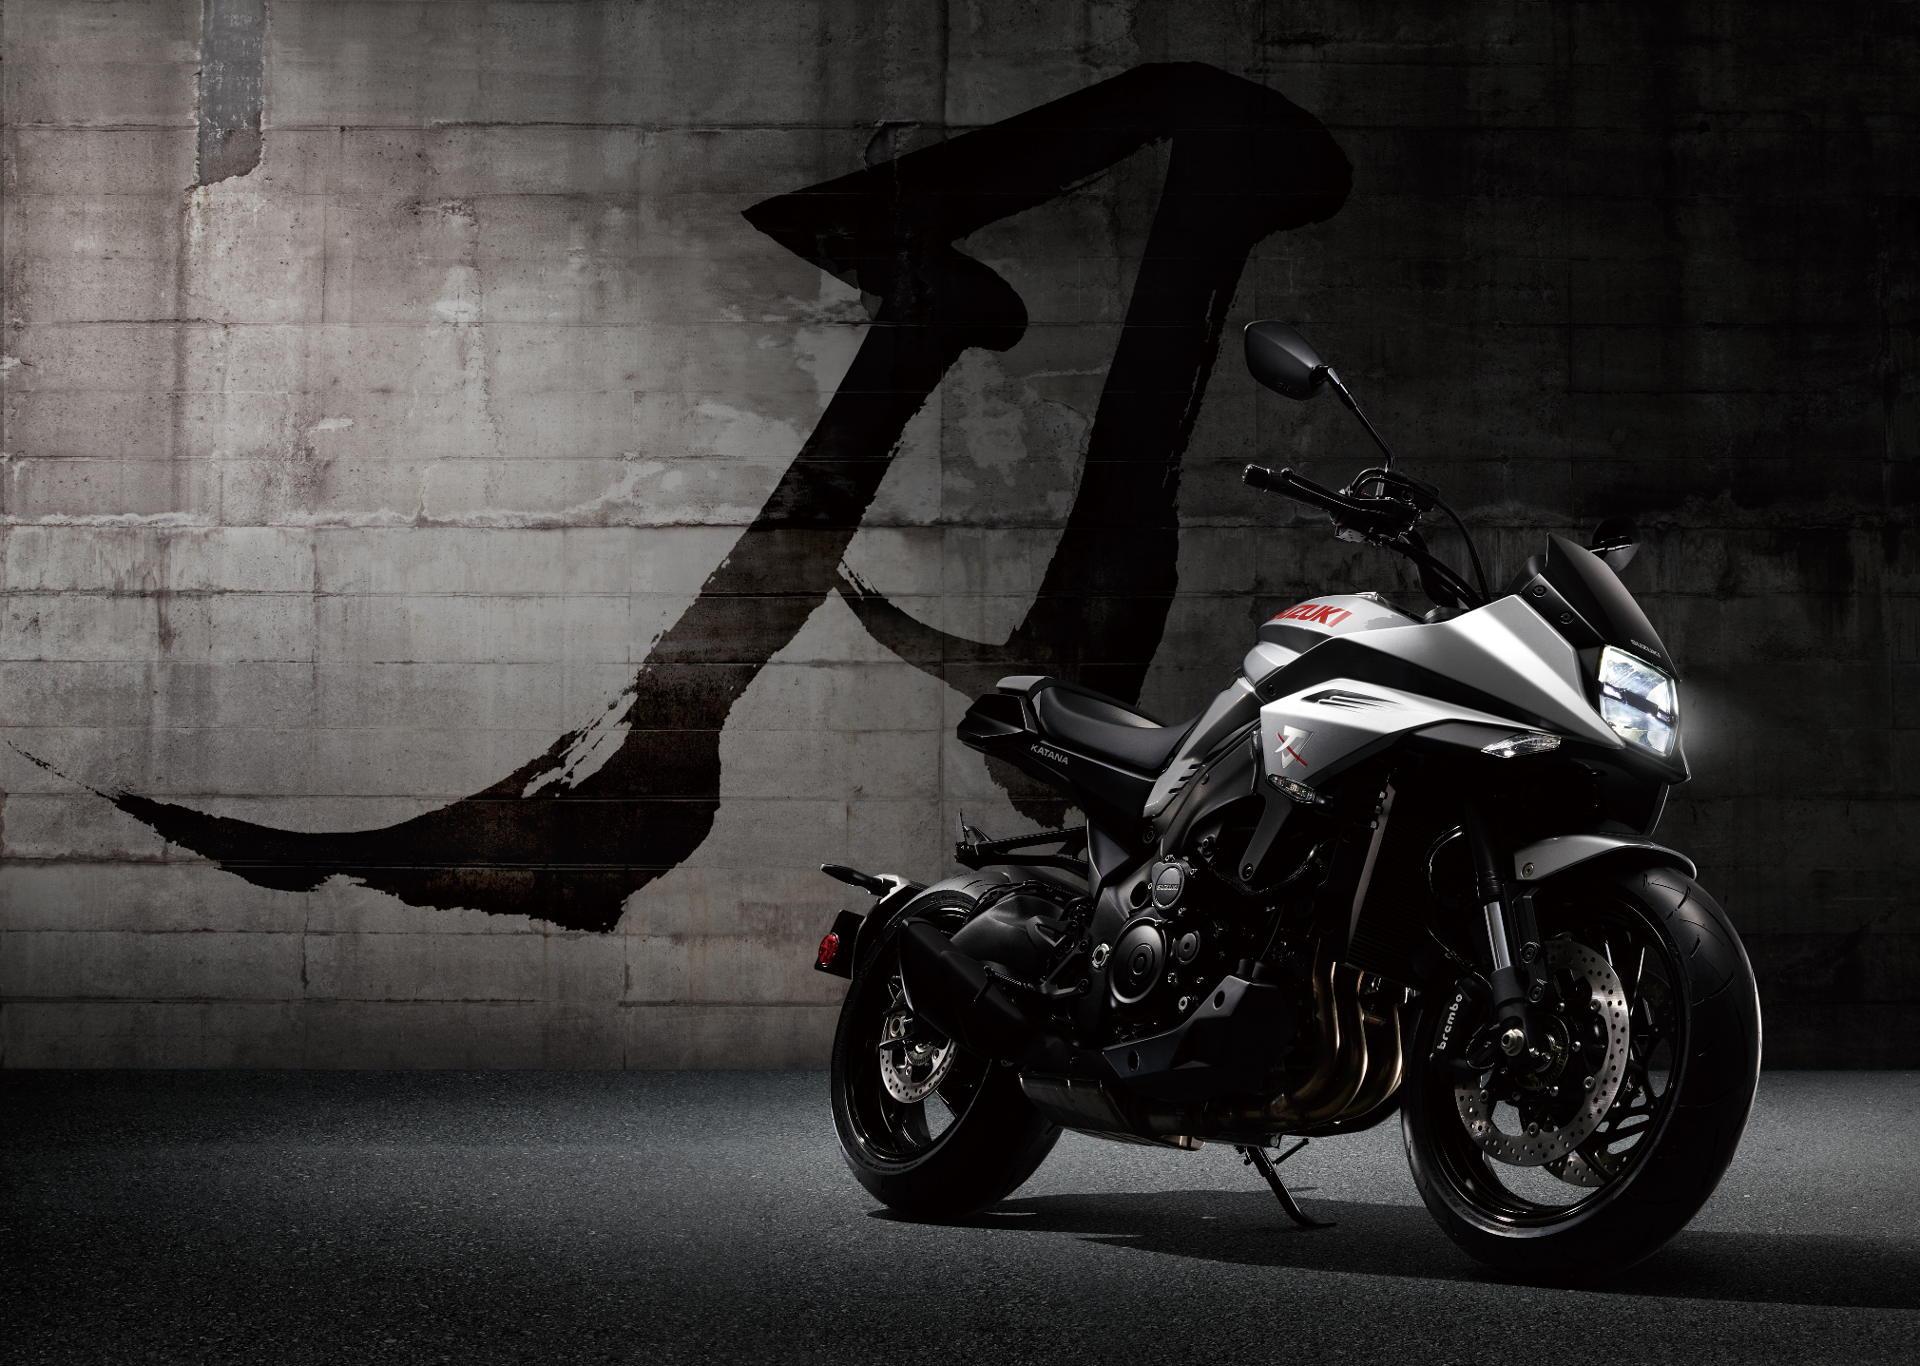 2020 Suzuki Katana Motorcycle